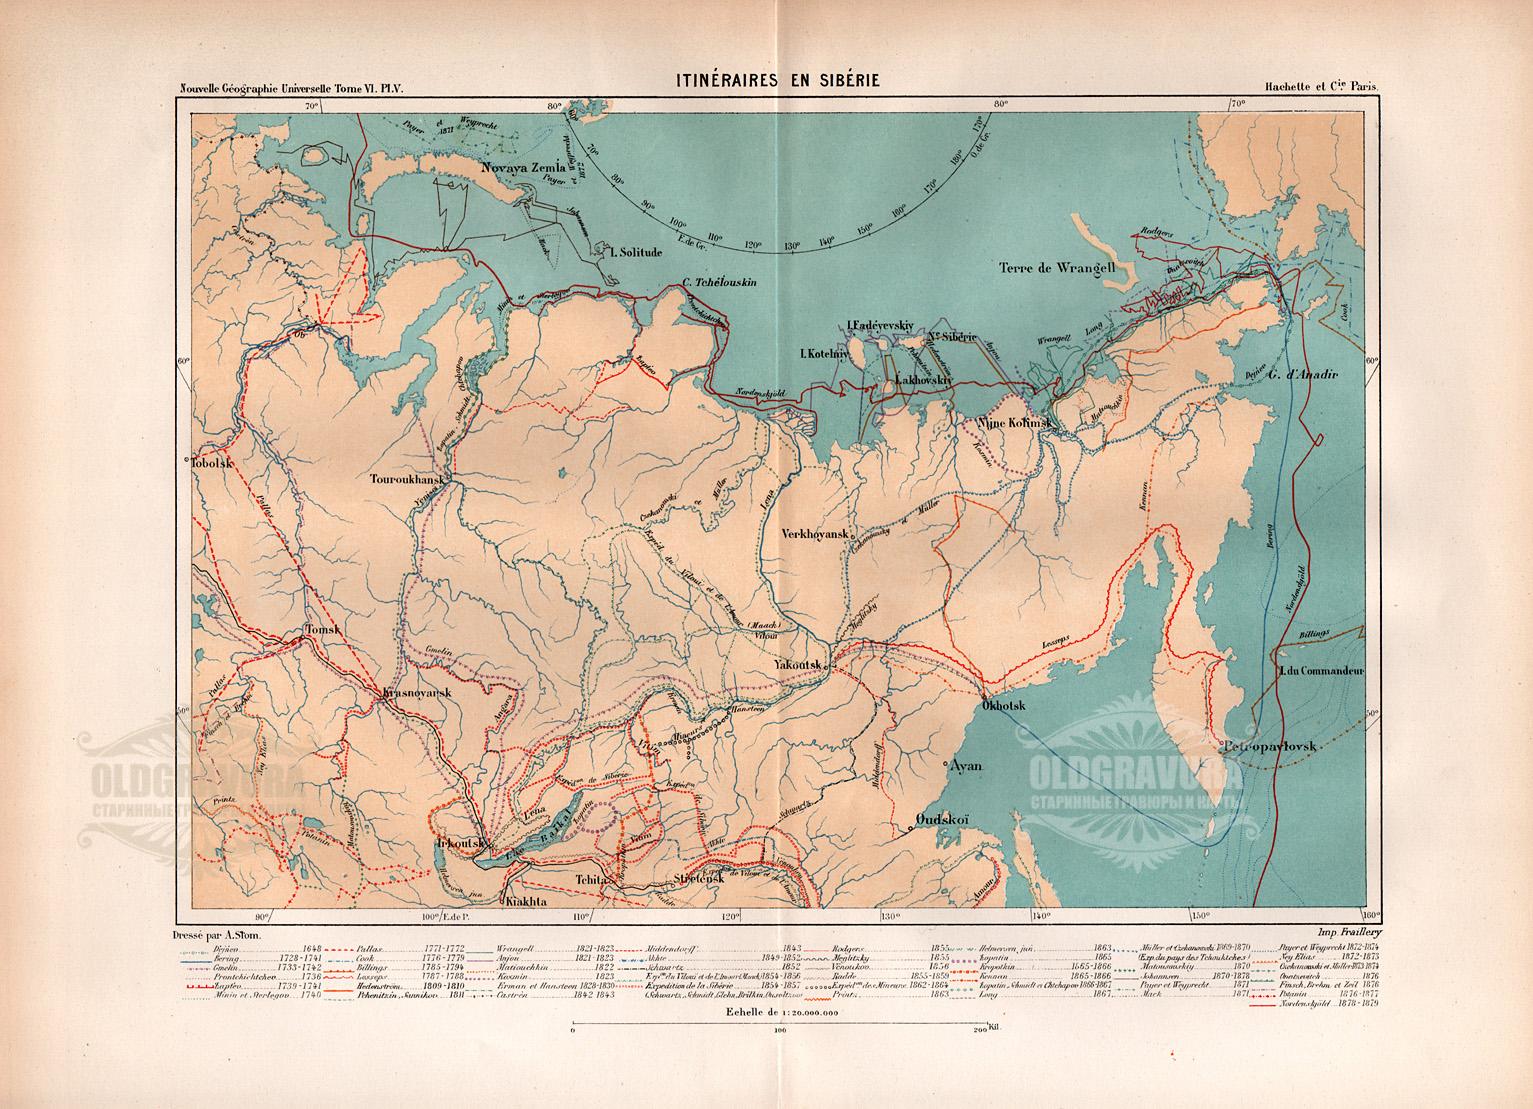 картинки карты восточной сибири преступной халатности, как